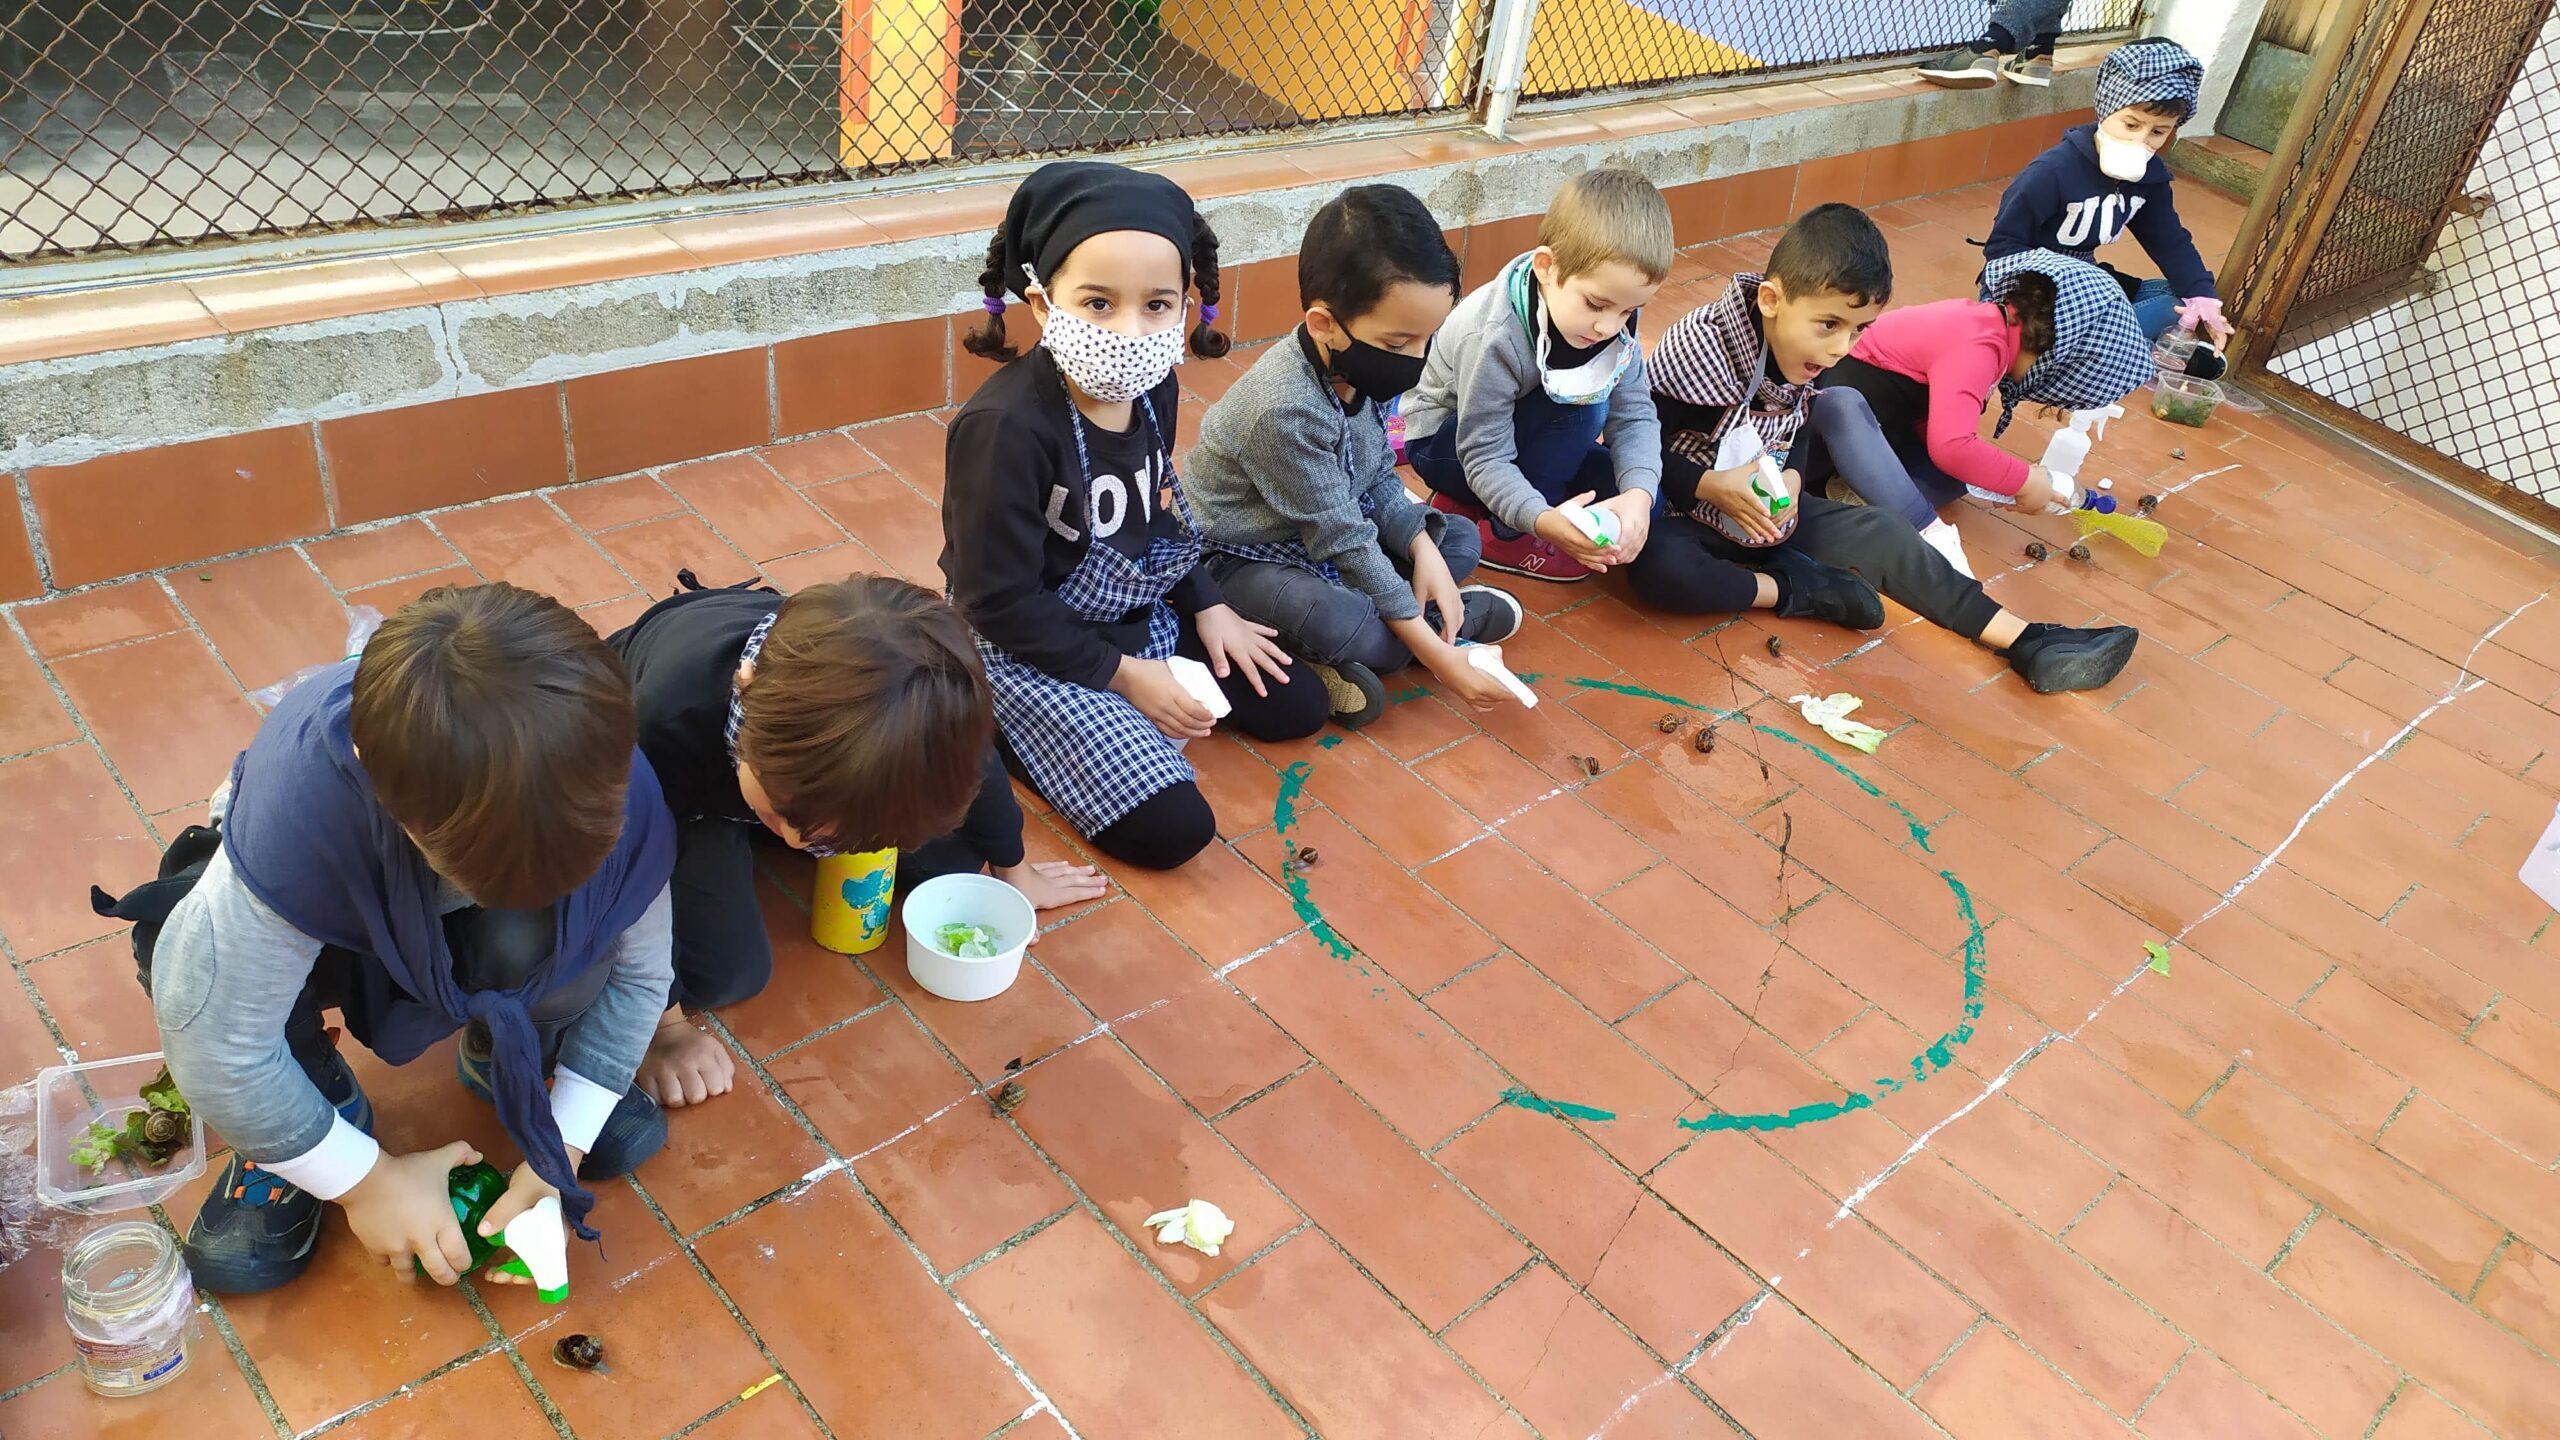 La cursa de cargols, una tradició escolar